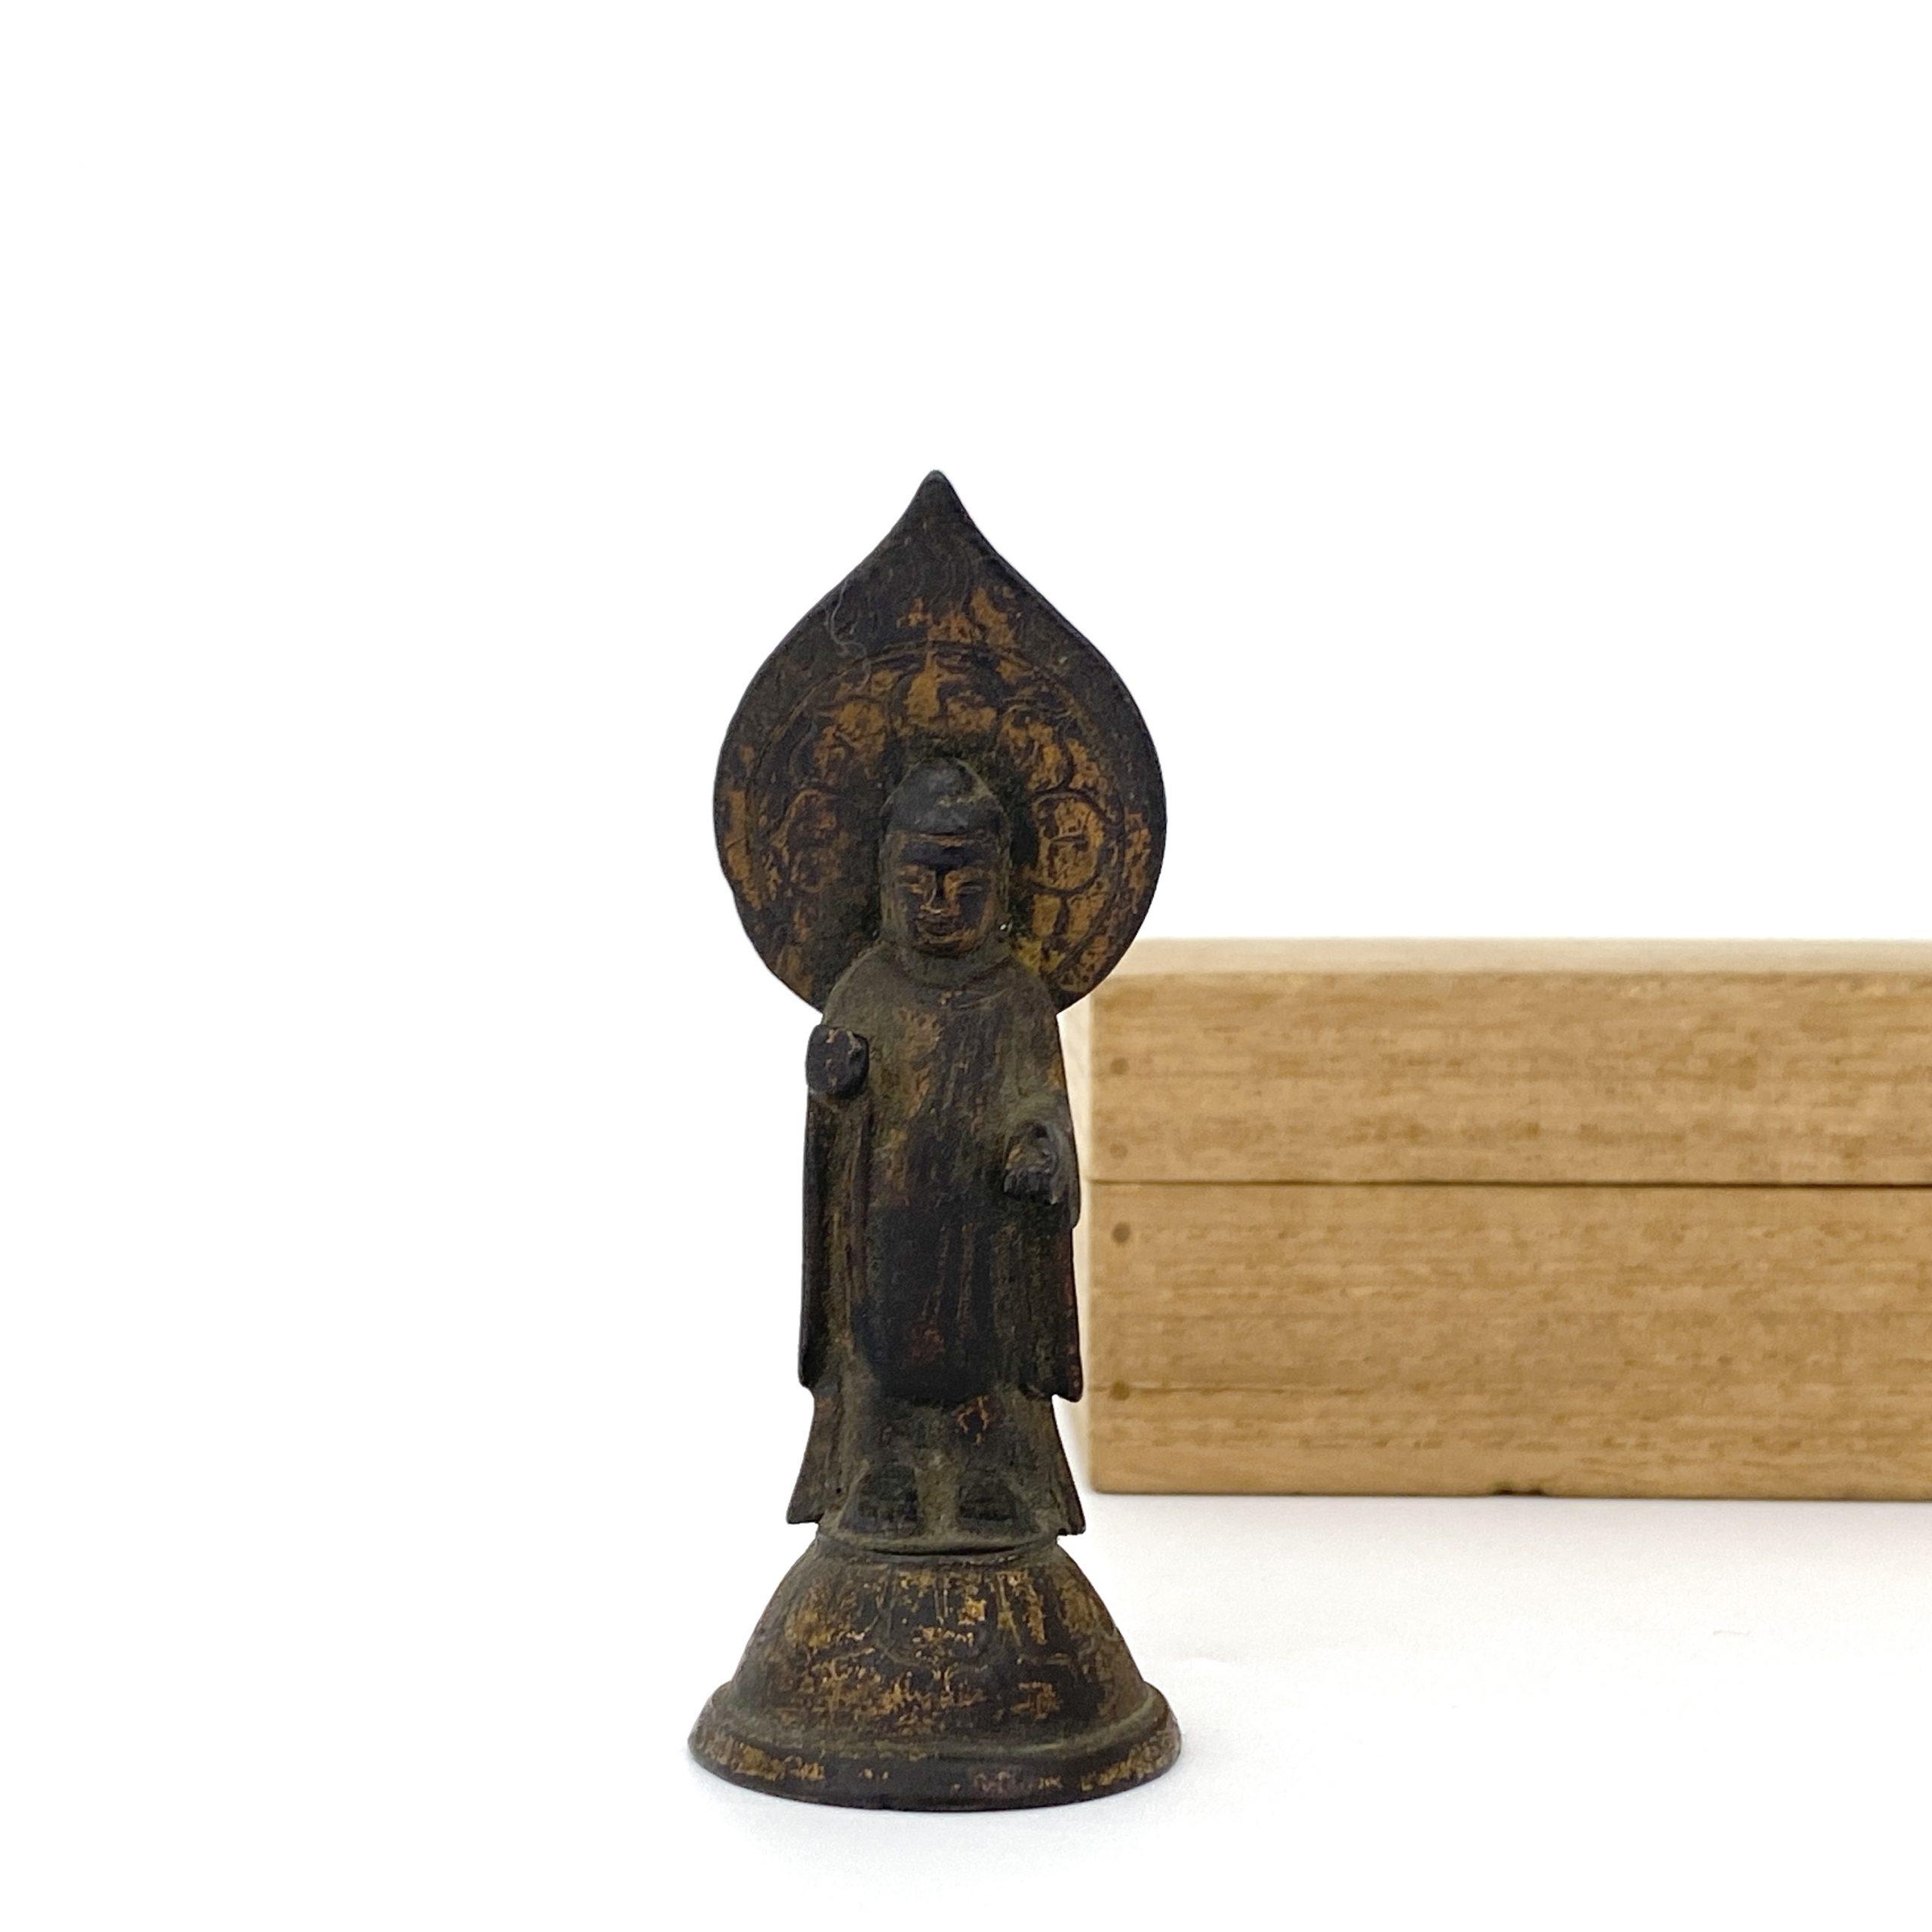 21698唐或以前 青銅鎏金 菩薩立像 同一収蔵家 第17回網頁掲載品